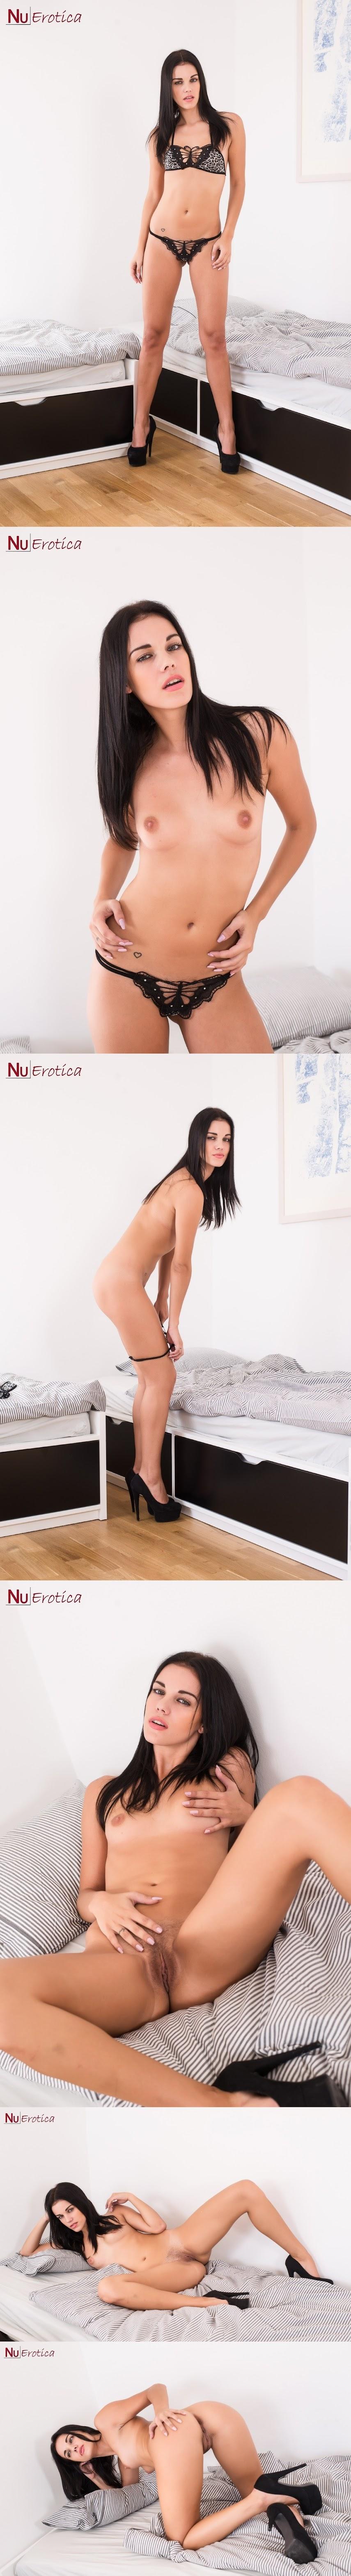 NuErotica 2015-10-13 Mina - Mina Sexy Naked Model